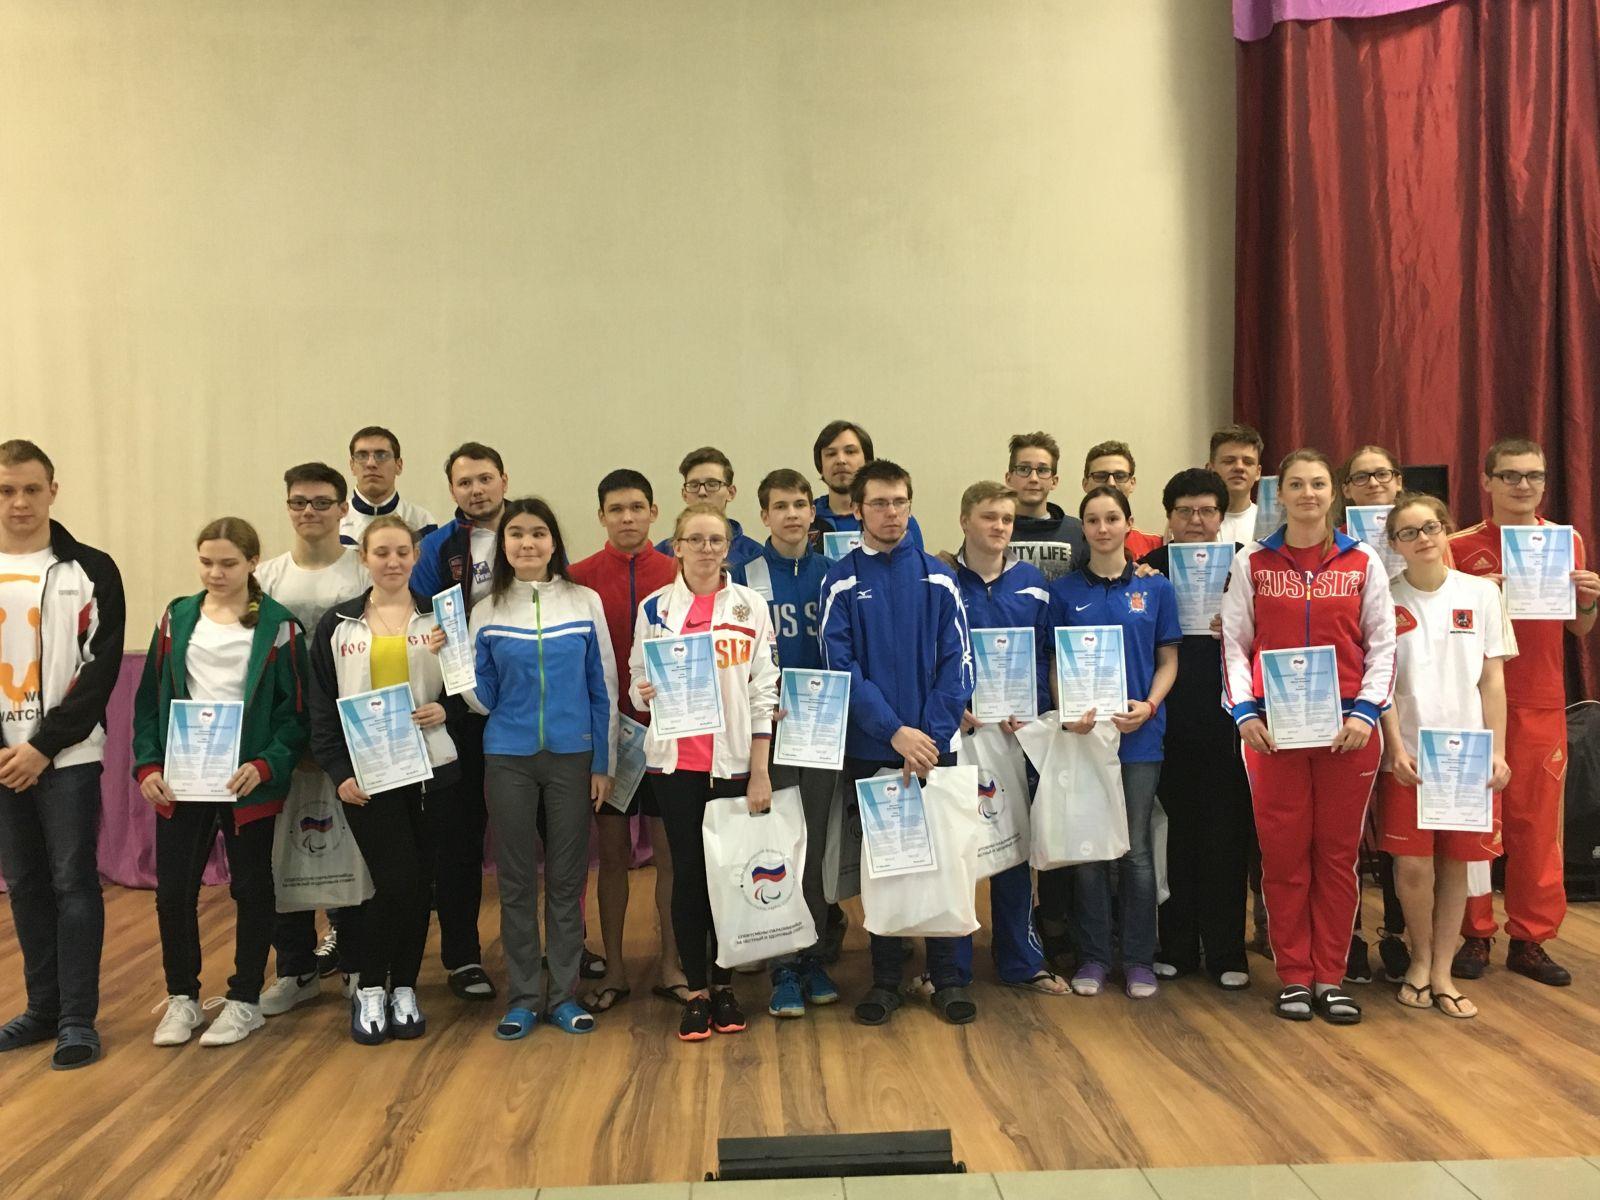 ПКР в г. Раменском (Московская область) провел Антидопинговый семинар для членов сборной команды России по плаванию спорта слепых